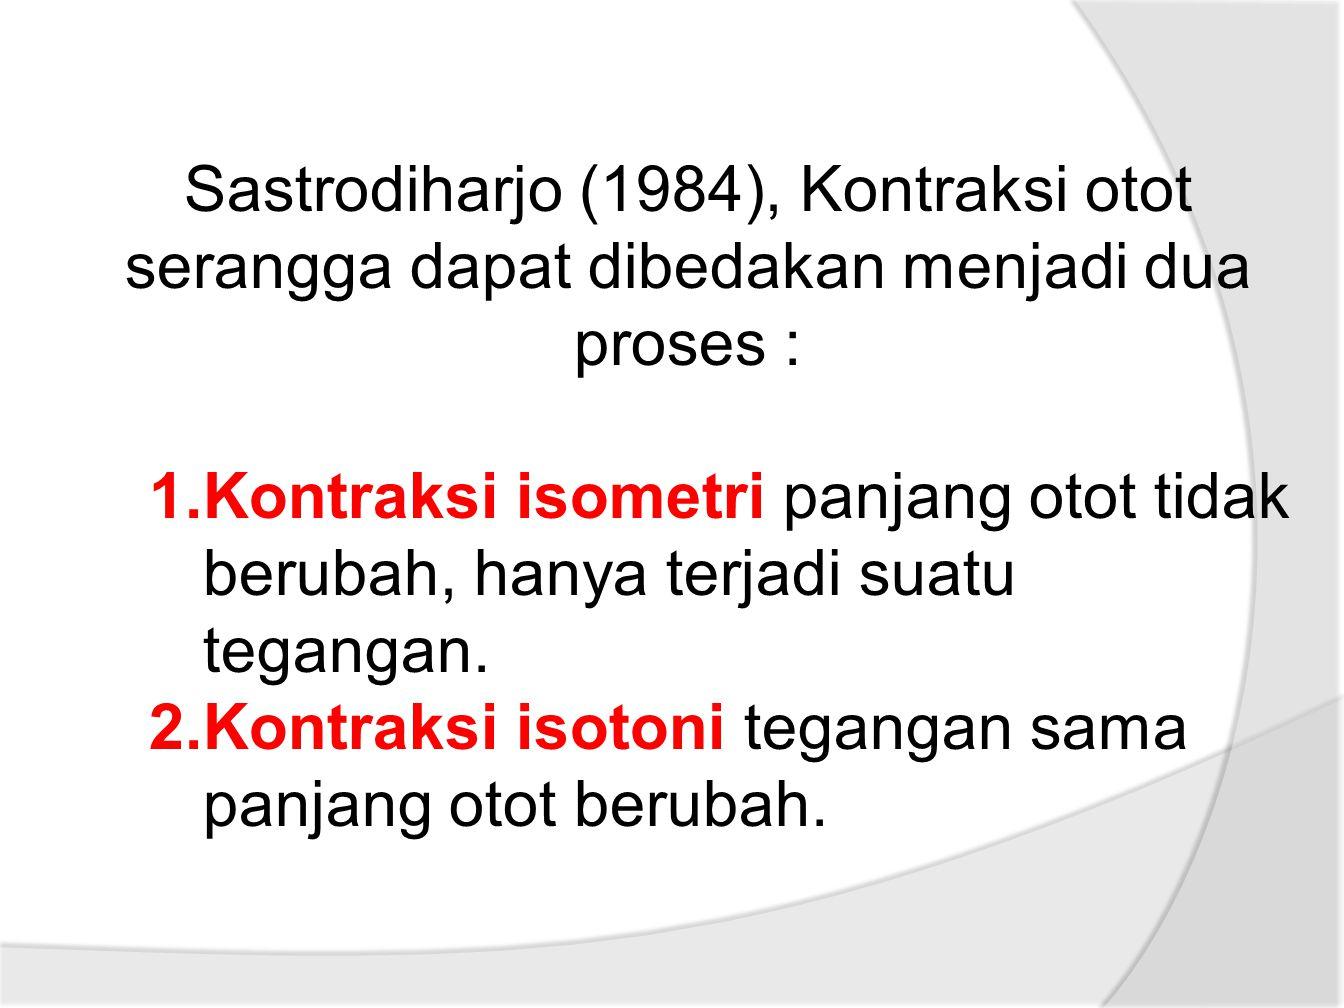 Sastrodiharjo (1984), Kontraksi otot serangga dapat dibedakan menjadi dua proses :